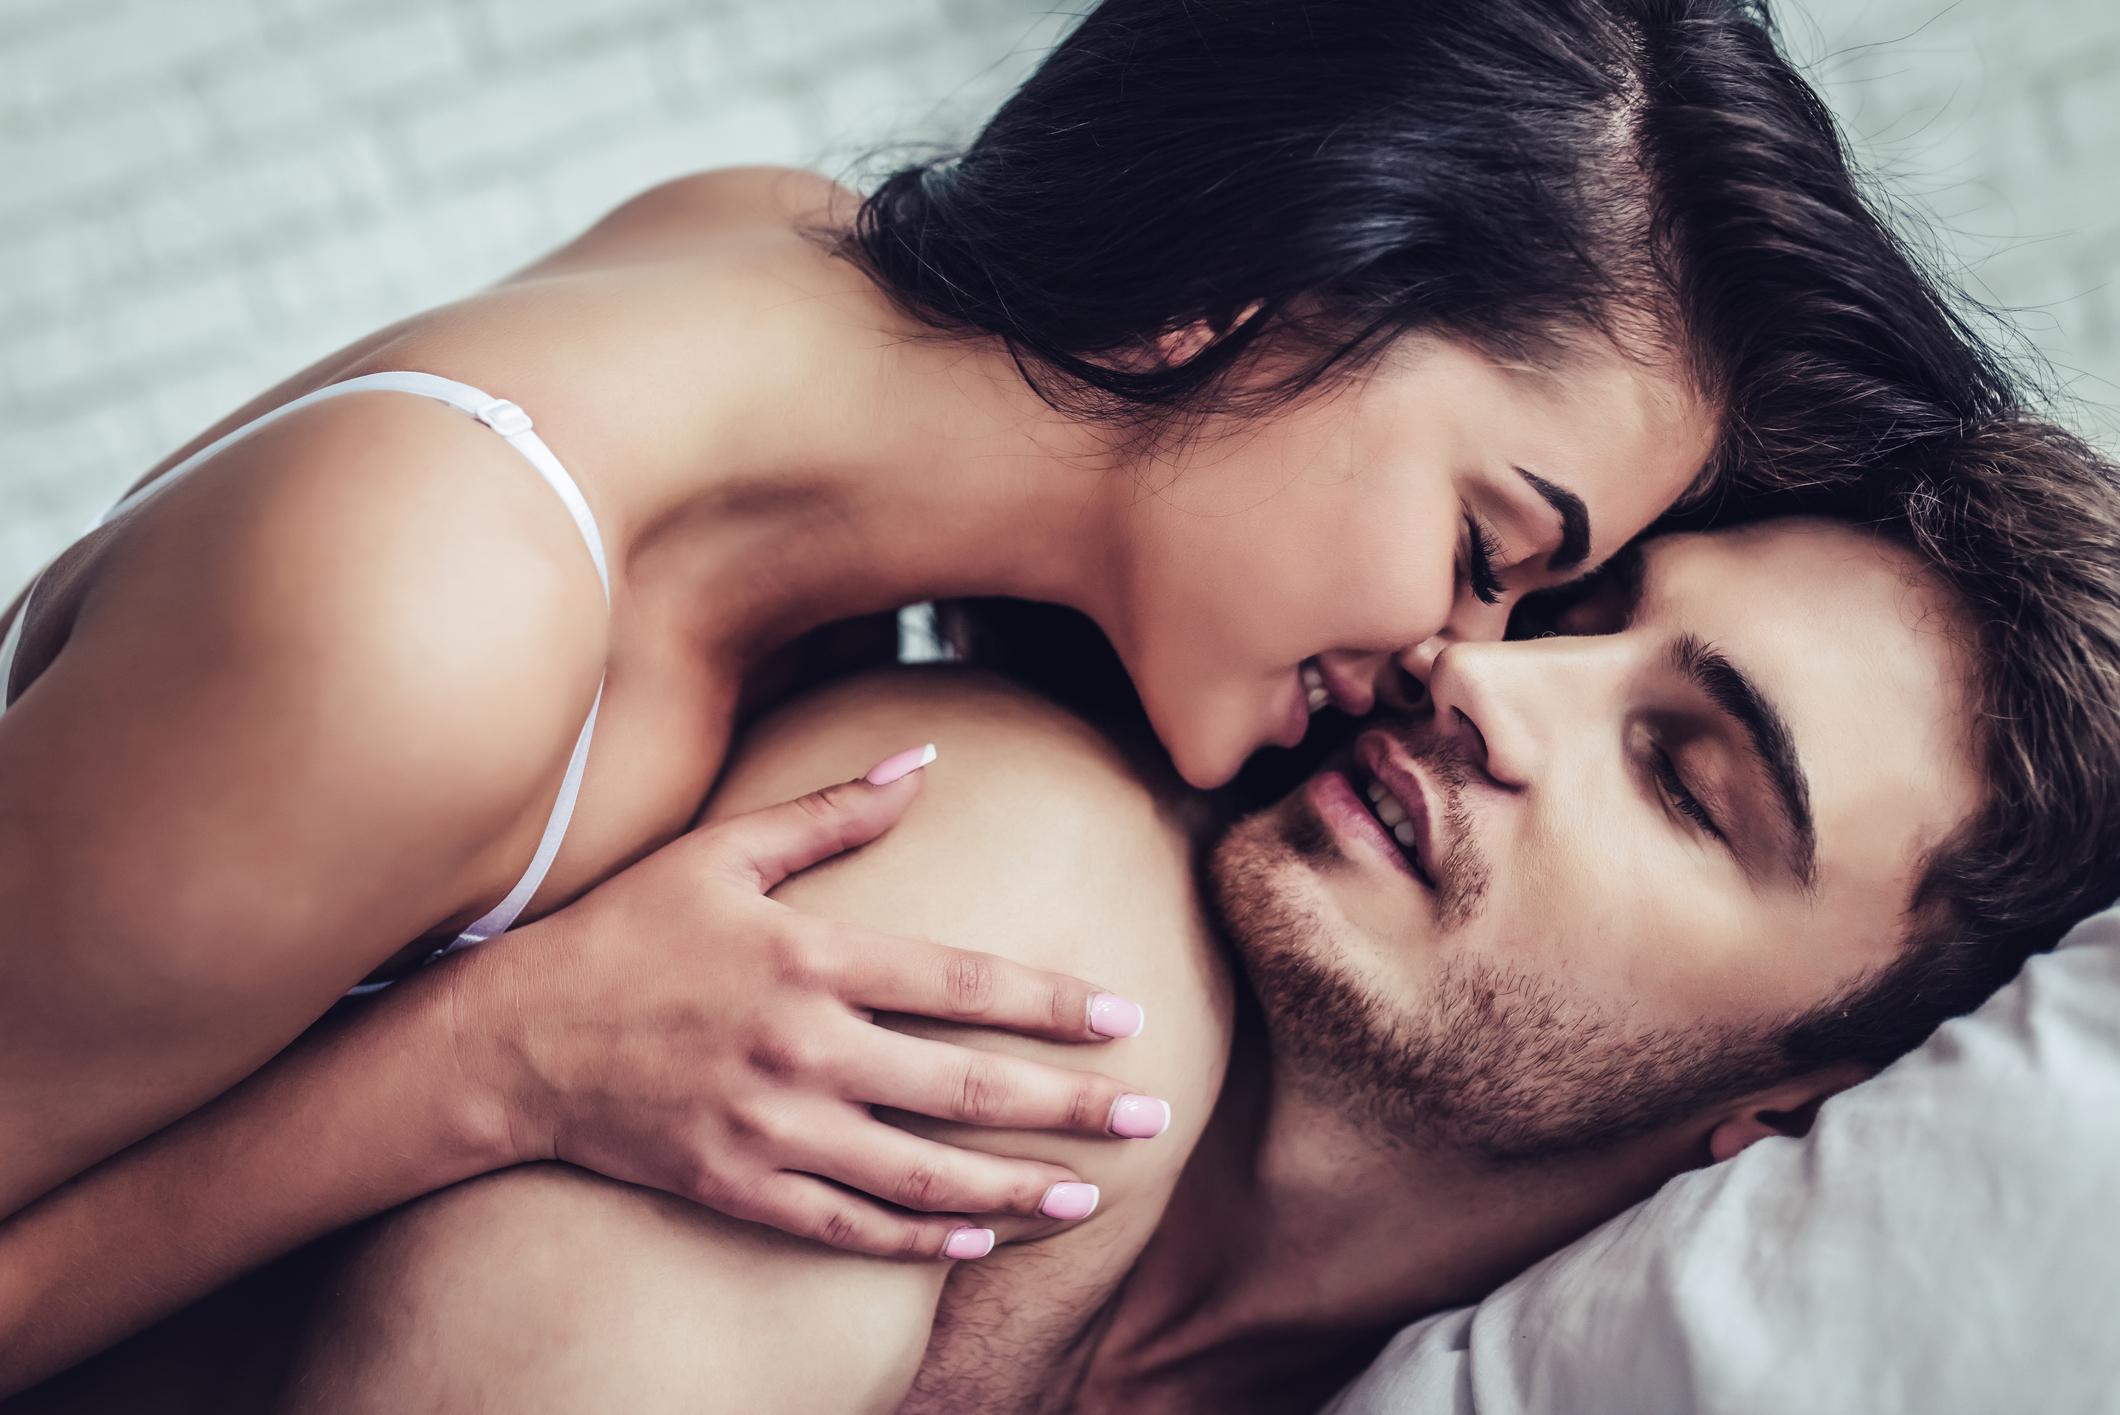 Το ΜΕΝ 24 ξεστομίζει τα 24 λογάκια που θέλουμε να πούμε στις γυναίκες για το σεξ αλλά.